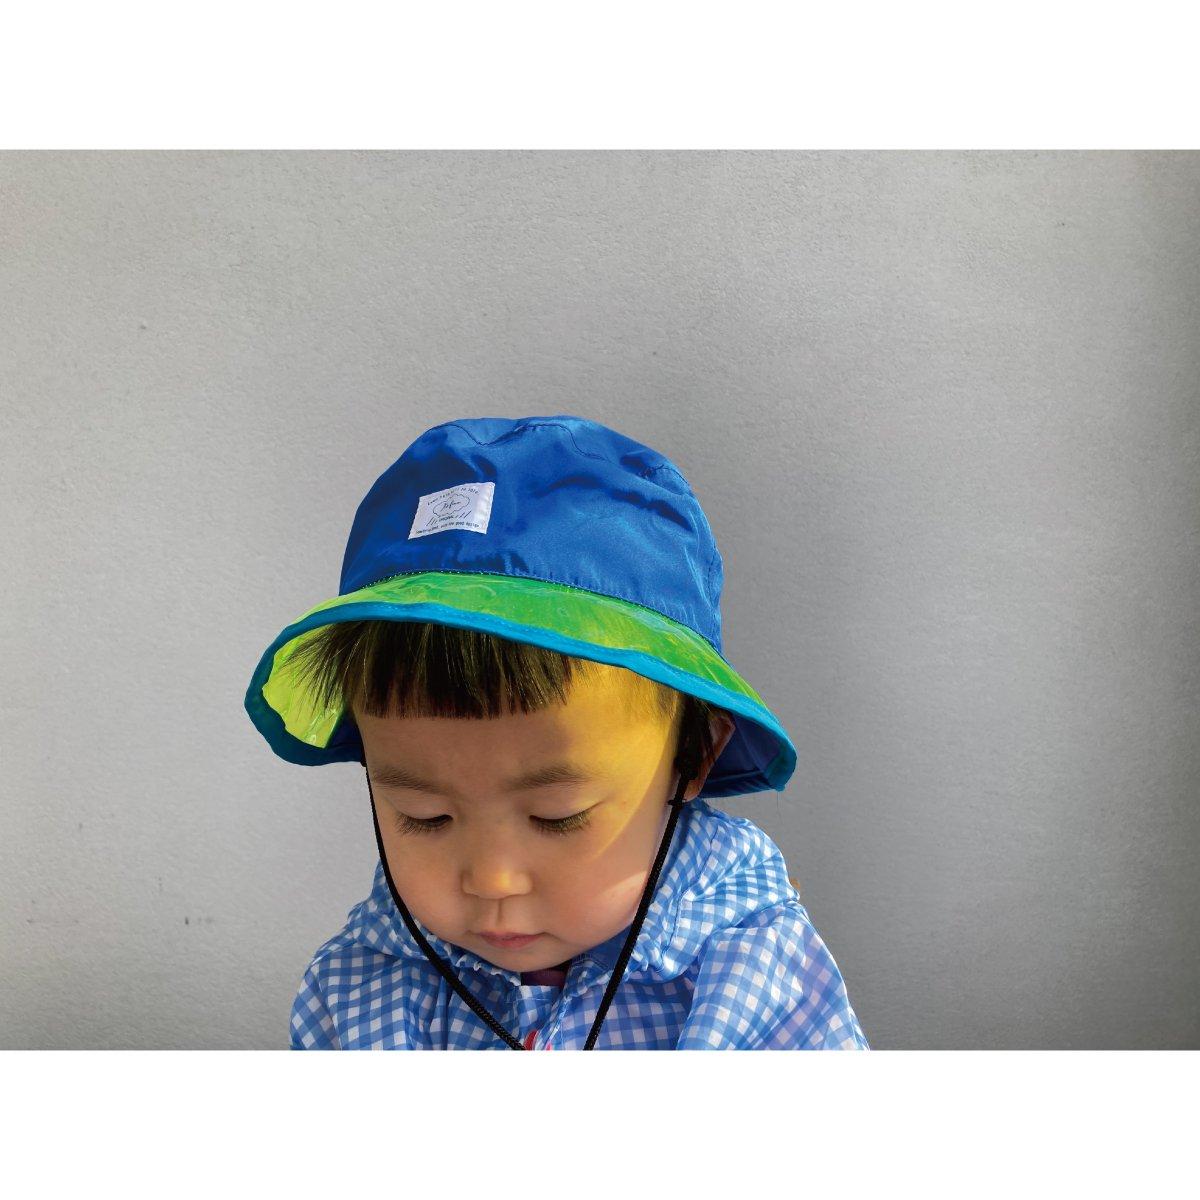 【KIDS】Rain PVC Hat 詳細画像23